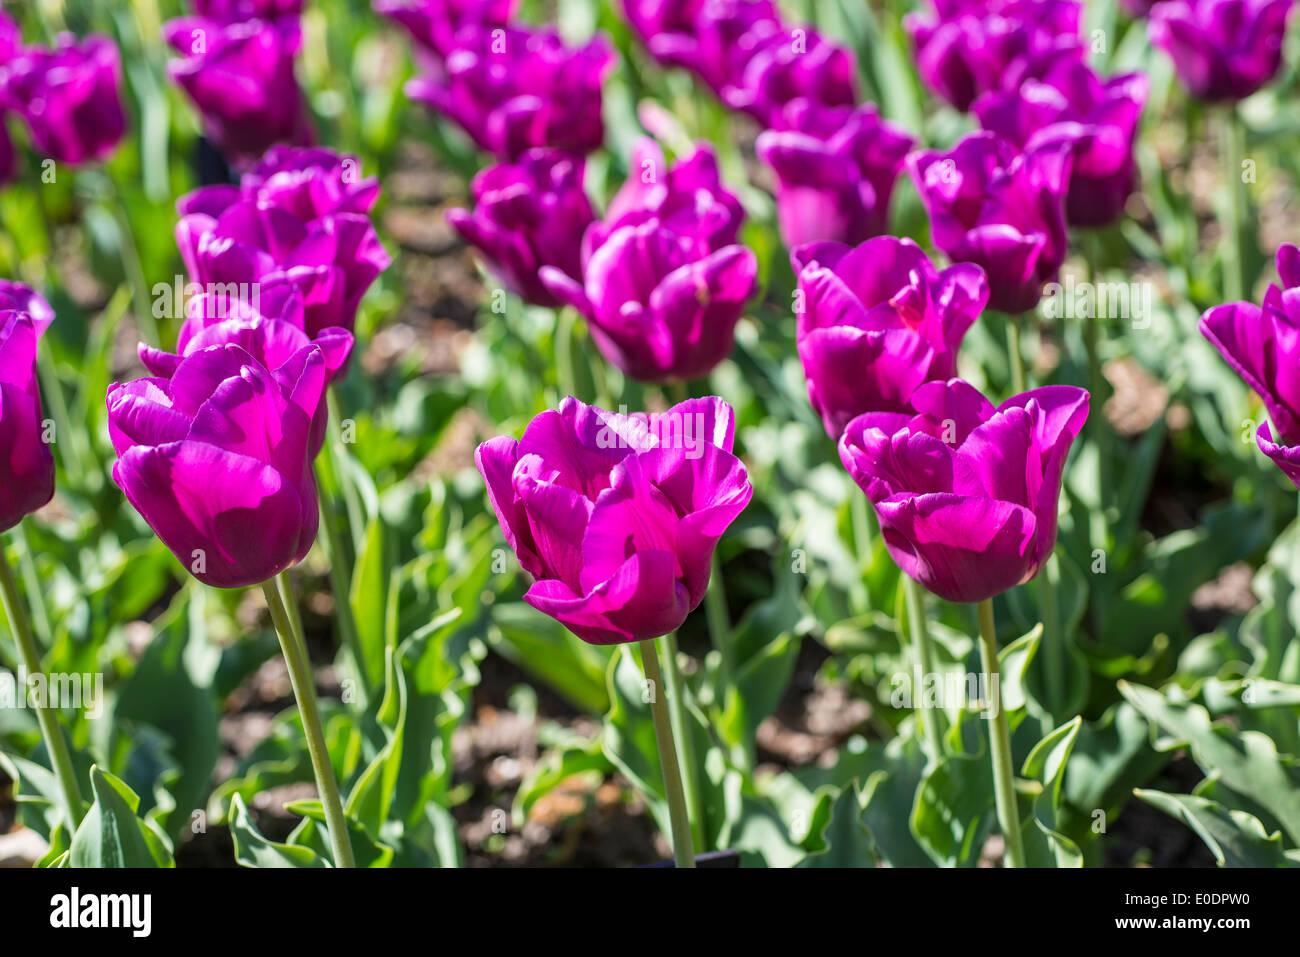 Tulip, Tulipa 'Passionale' - Stock Image